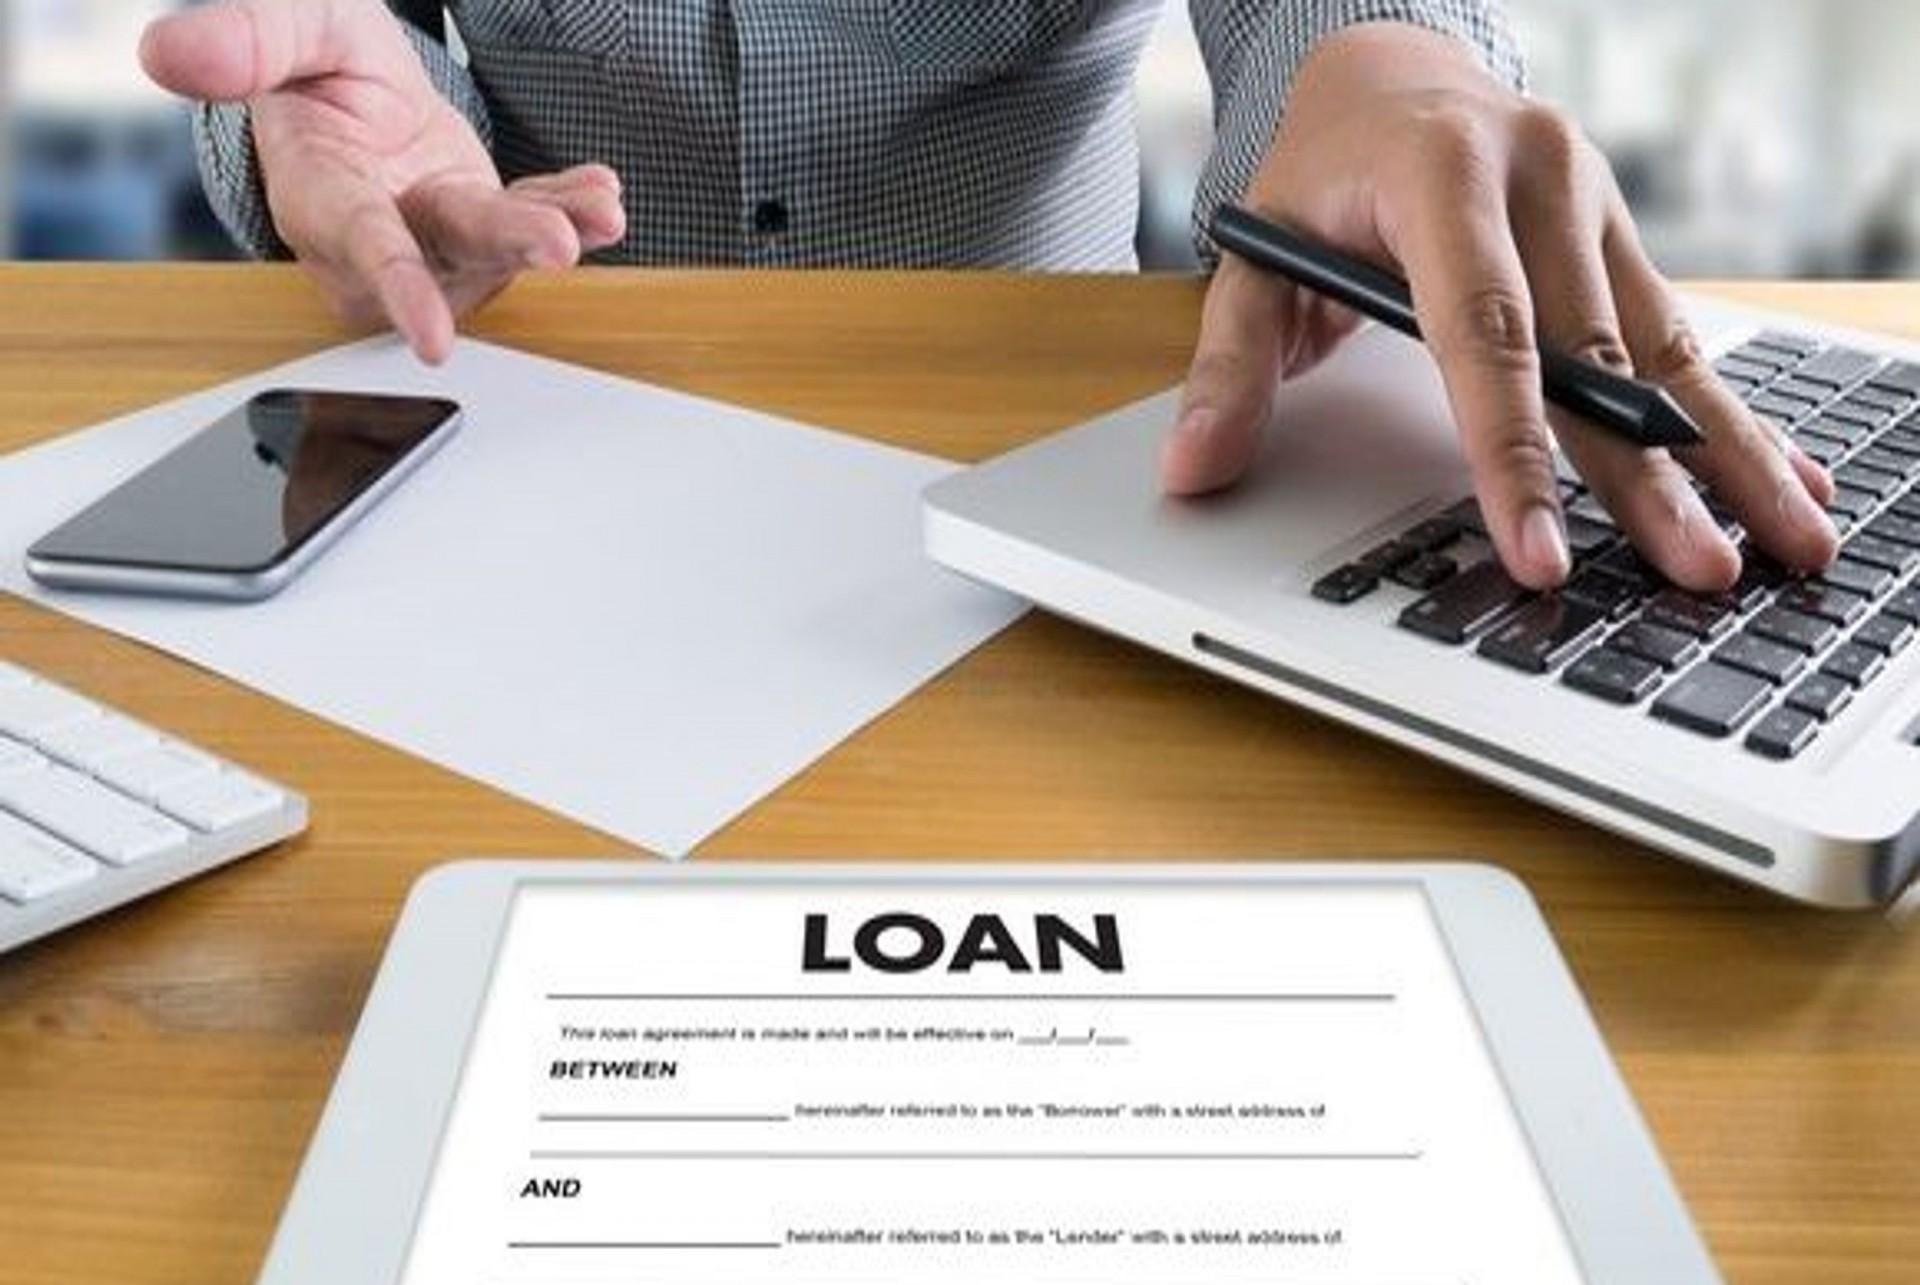 Member Service Loan